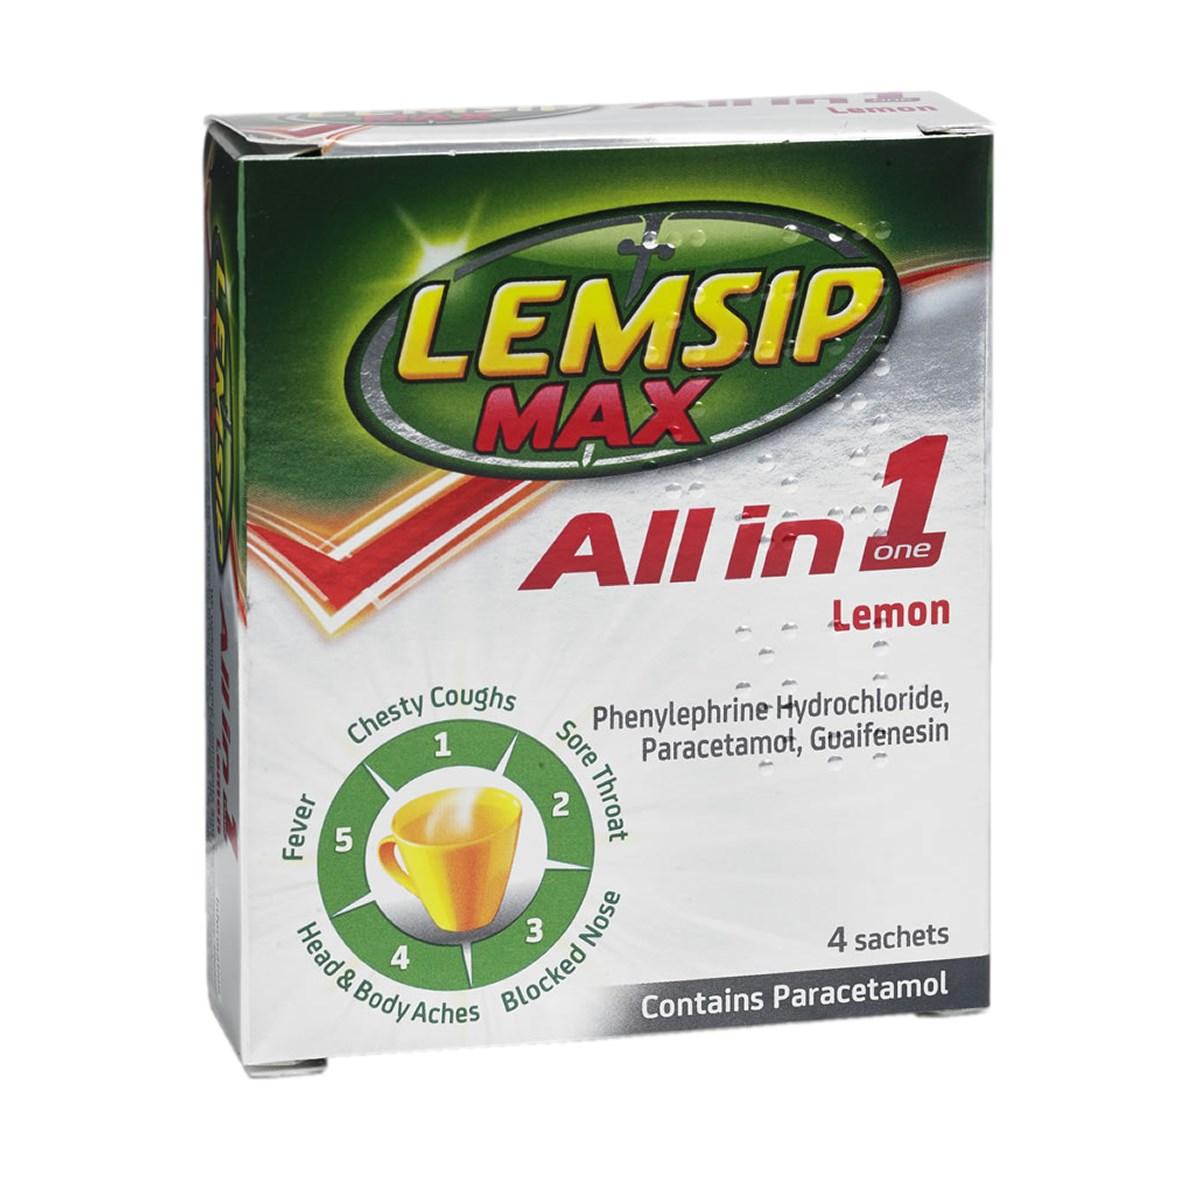 Lemsip Max All In One Lemon Sachets